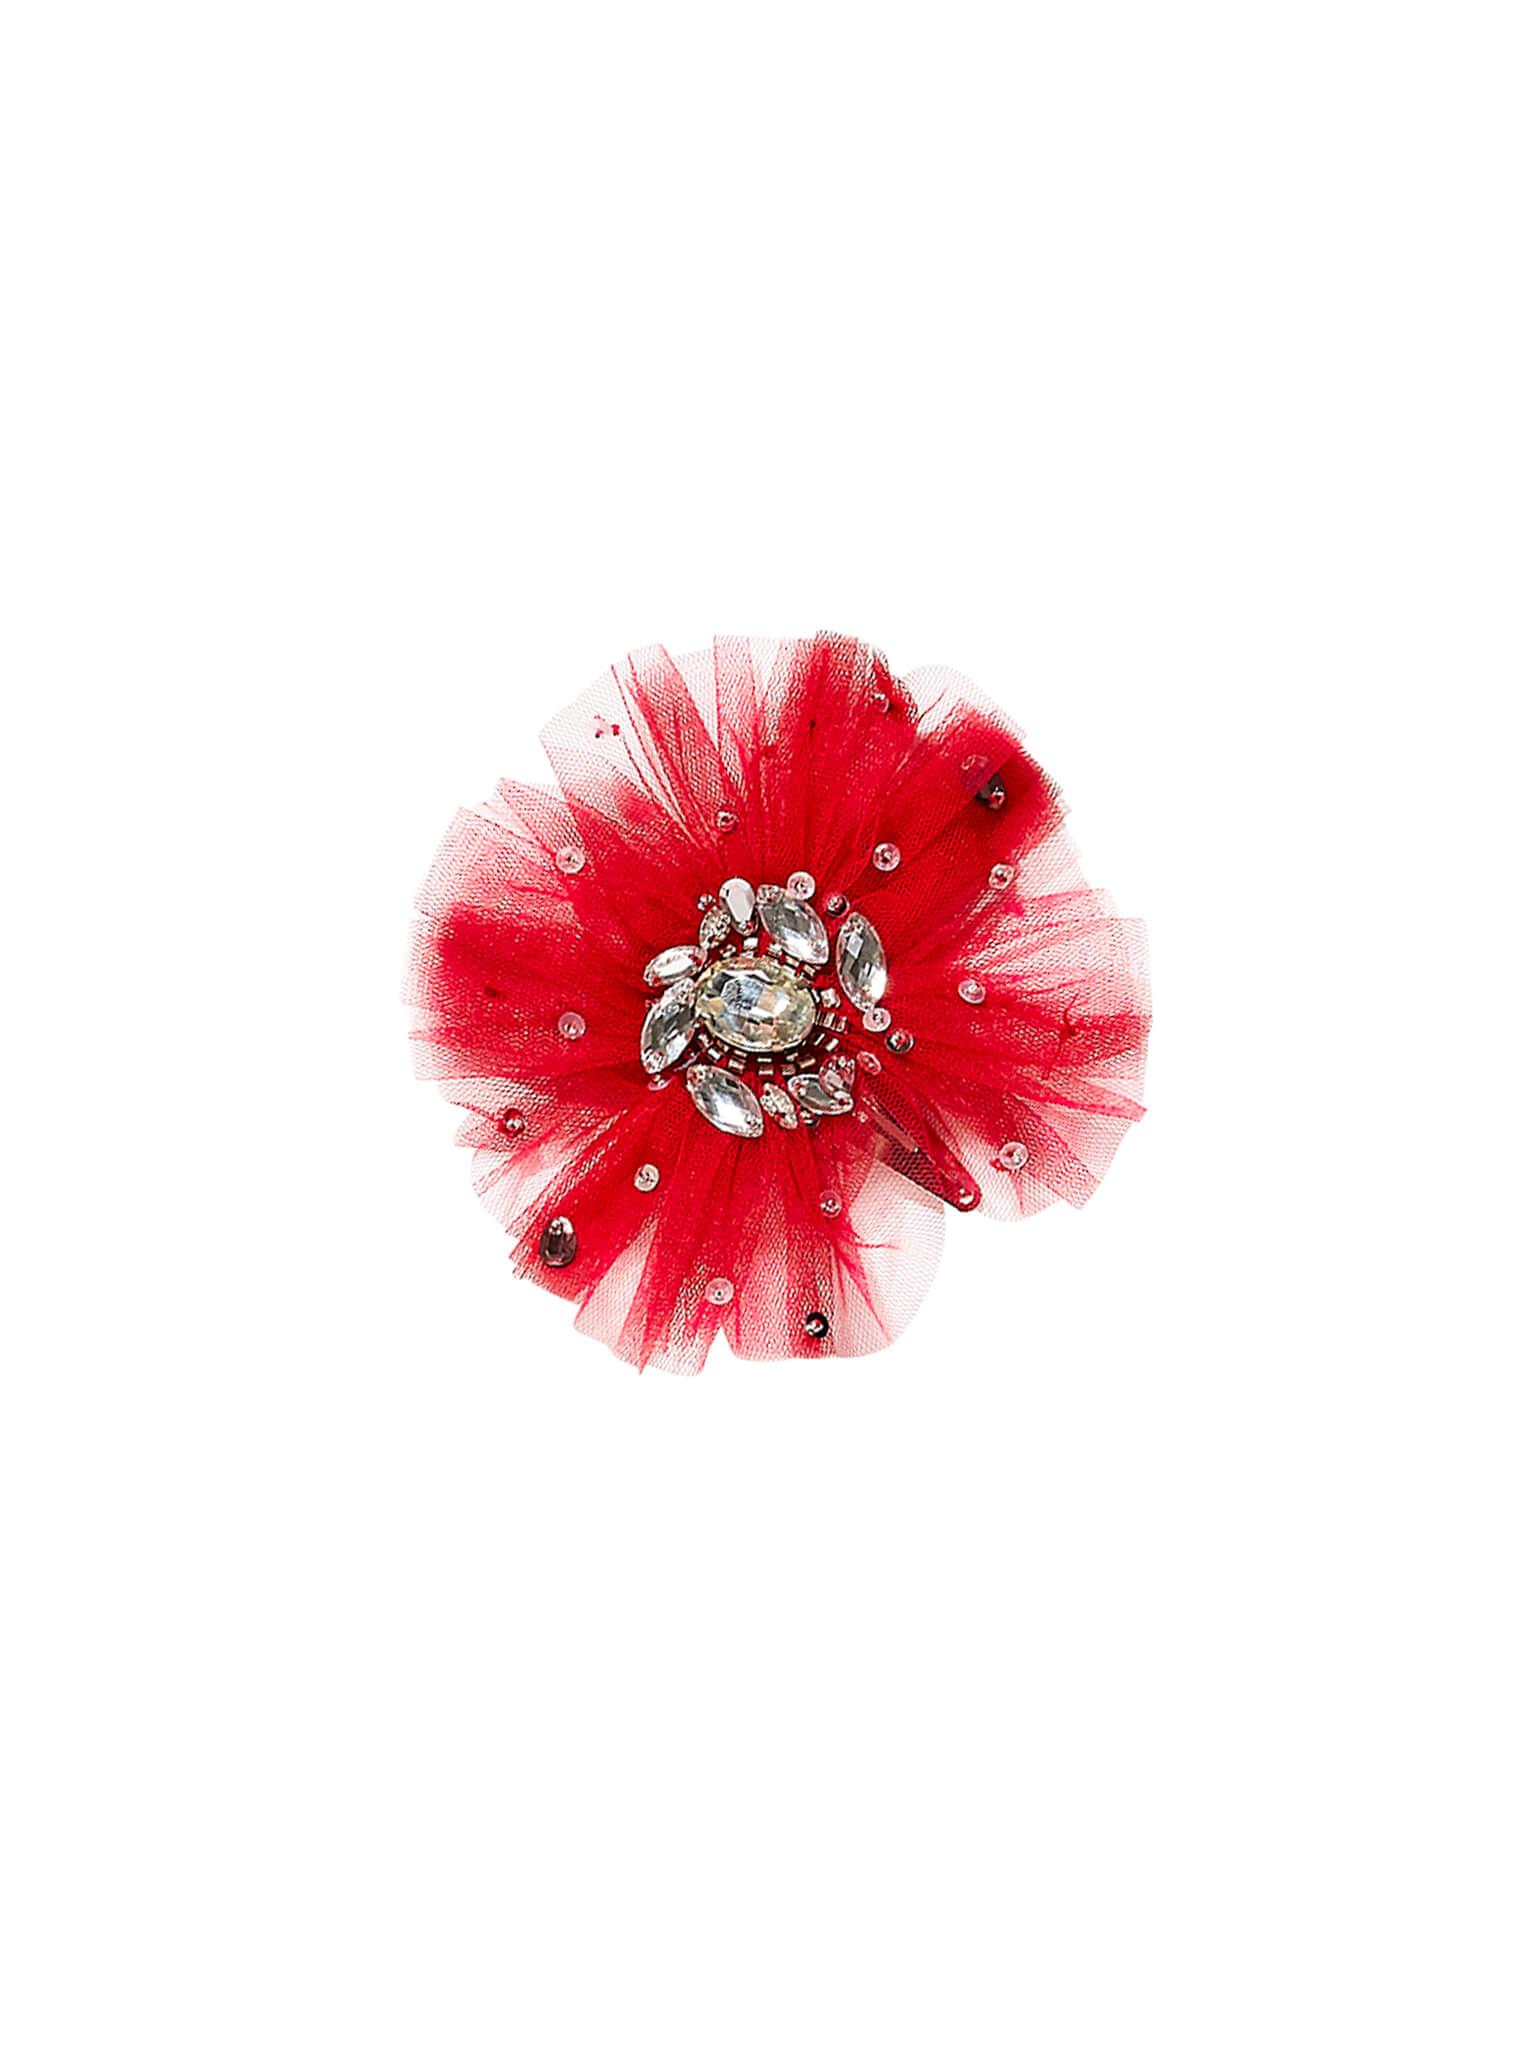 Tdm4347 glistening jewels hairclip 01